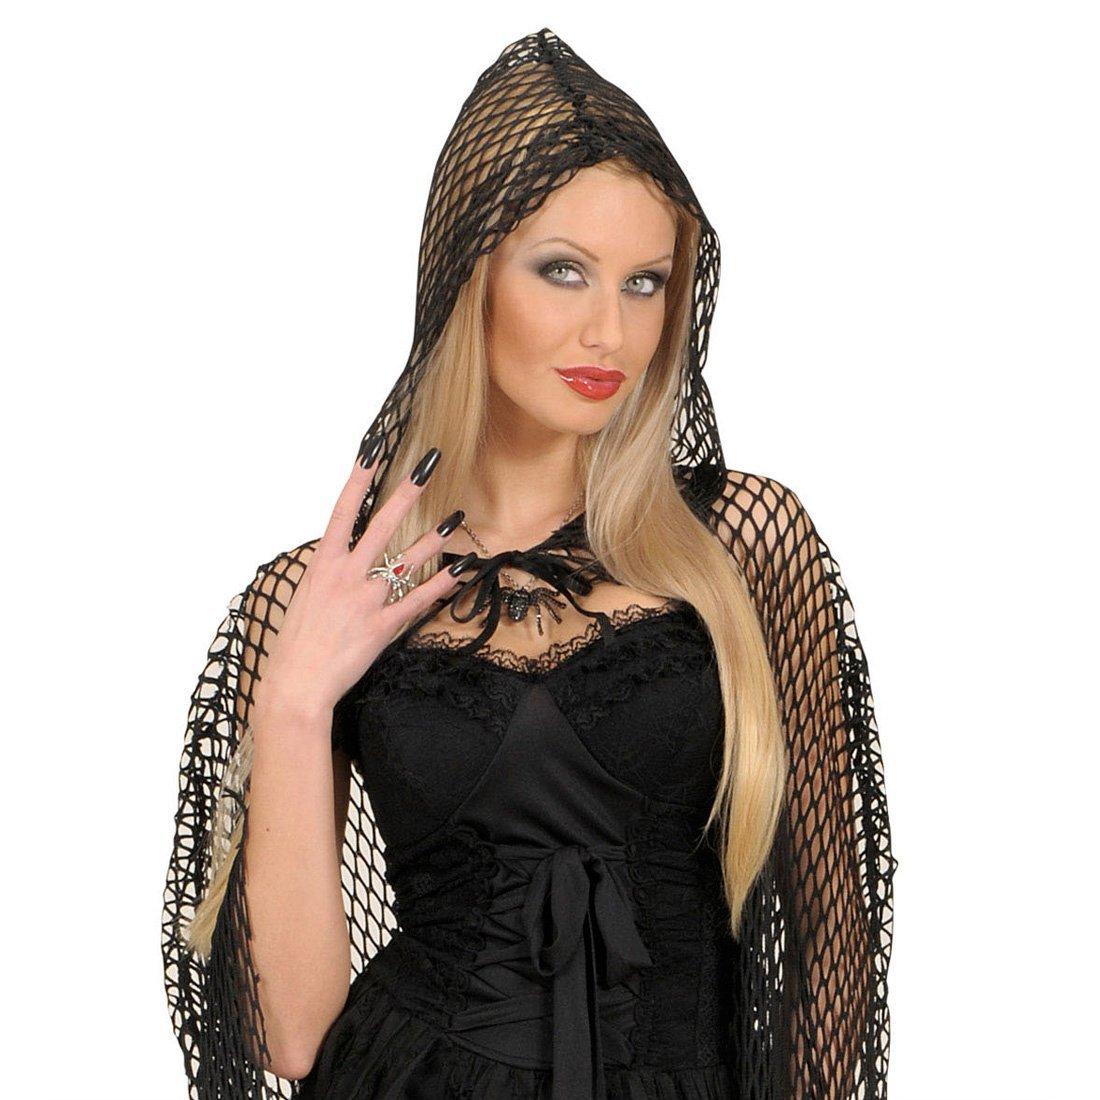 Anneau araign/ée avec pierre pr/écieuse rouge anneau de sorci/ère anneau bague gothique petite pierre anneau de femme strass anneau daraign/ée bijou d/éguisement Halloween bijoux gothiques accessoires bijoux dHalloween